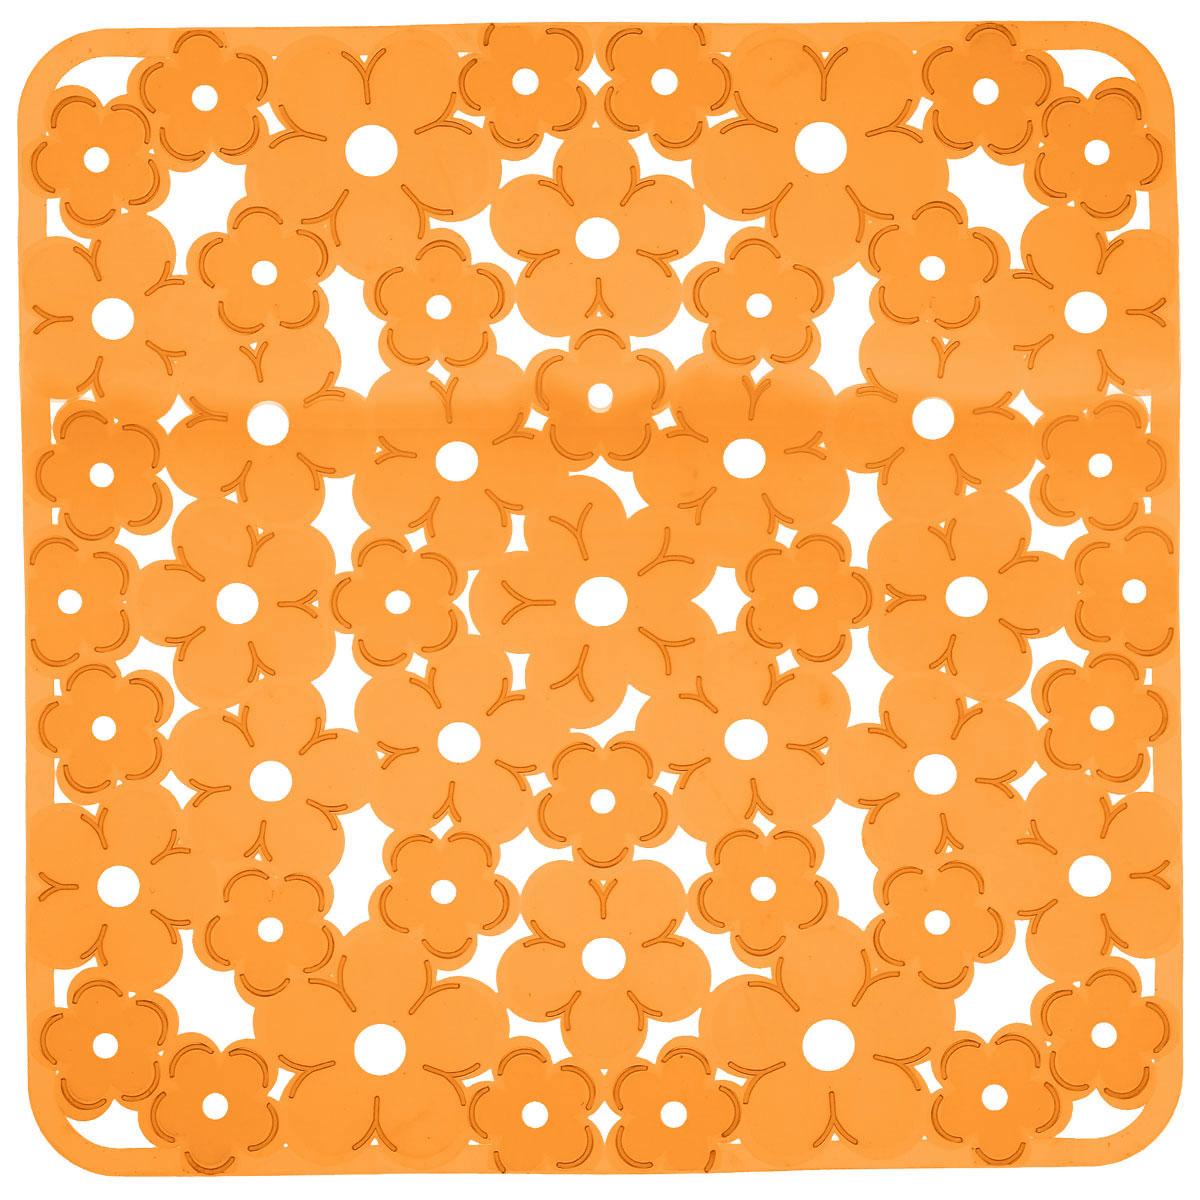 Коврик для раковины Metaltex, цвет: оранжевый, 32 х 32 см28.75.38Коврик для раковины Metaltex изготовлен из ПВХ с цветочным рисунком. Коврик имеет квадратную форму, поэтому прекрасно подойдет для любых раковин. Такой коврик защитит вашу посуду во время мытья, а также предотвратит засор труб, задерживая остатки пищи.Товар сертифицирован.